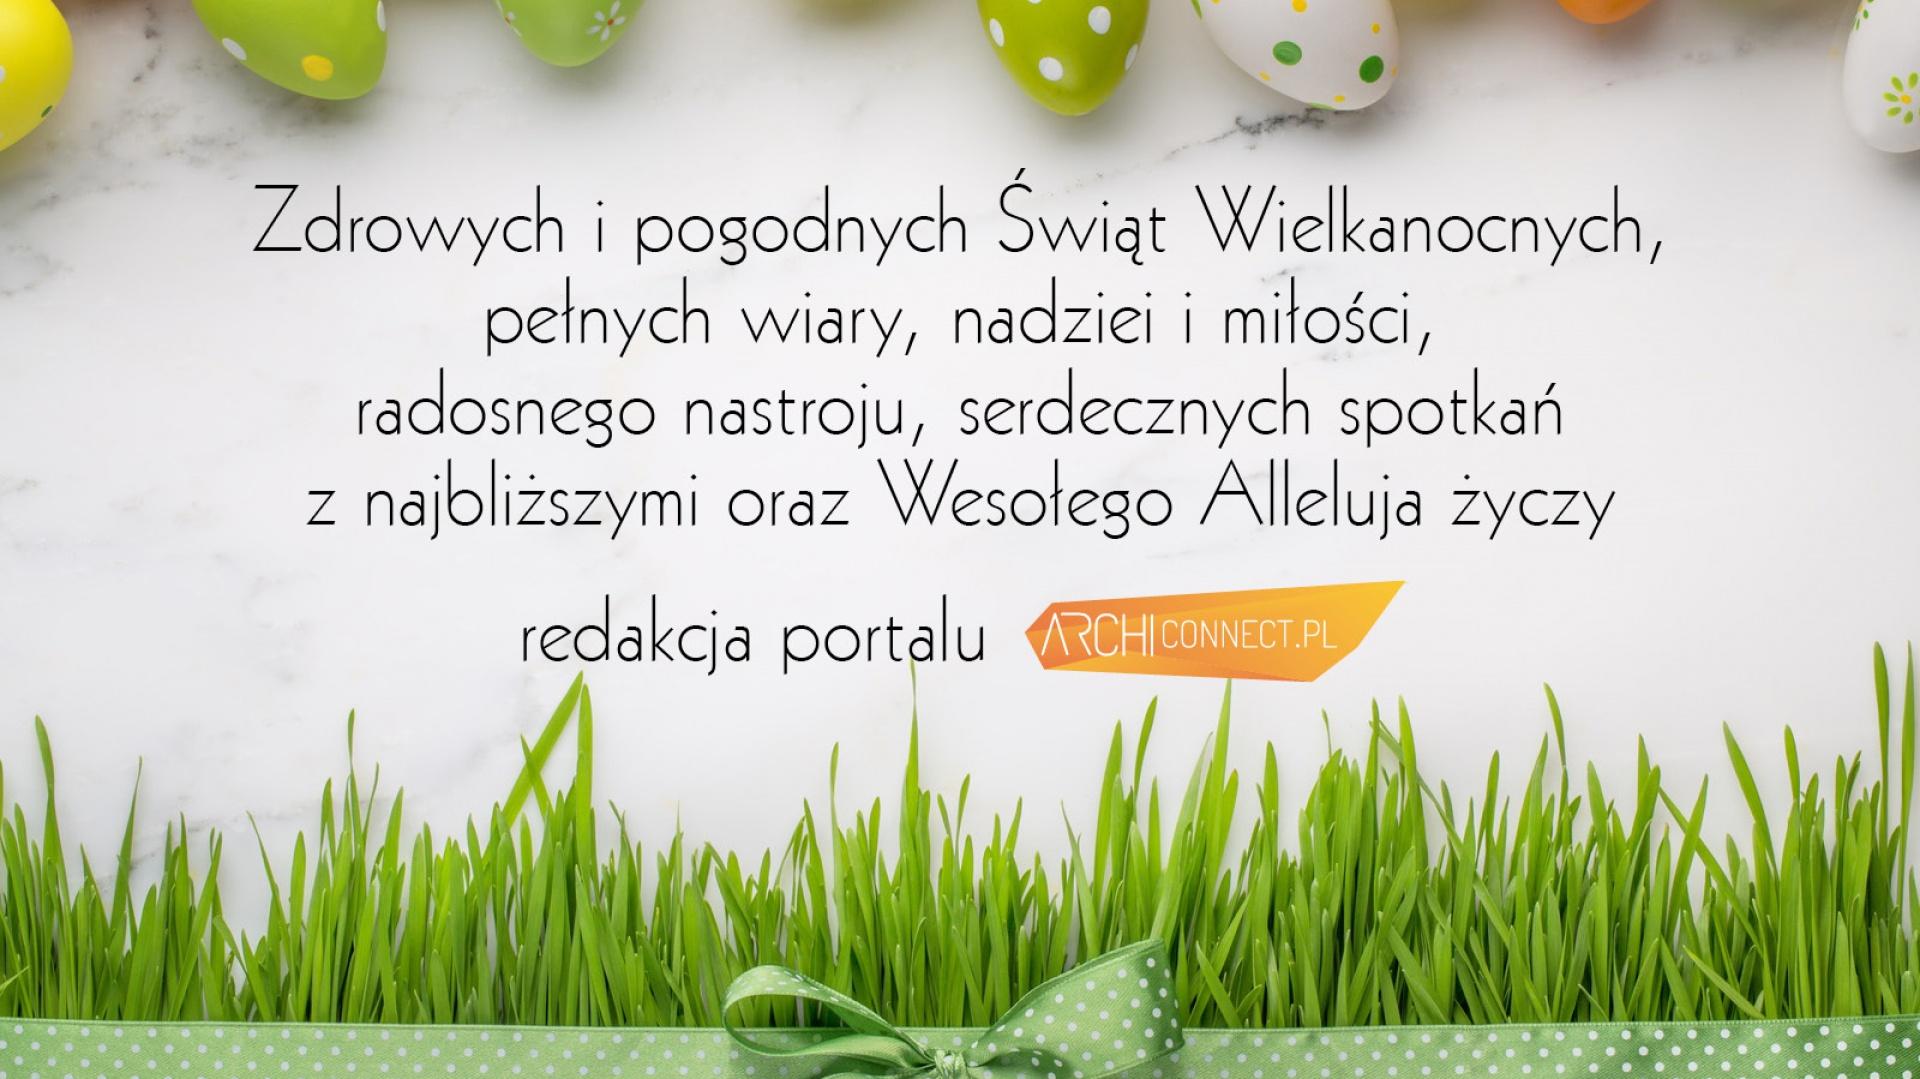 Kartka swiateczna, portal Archiconnect.pl